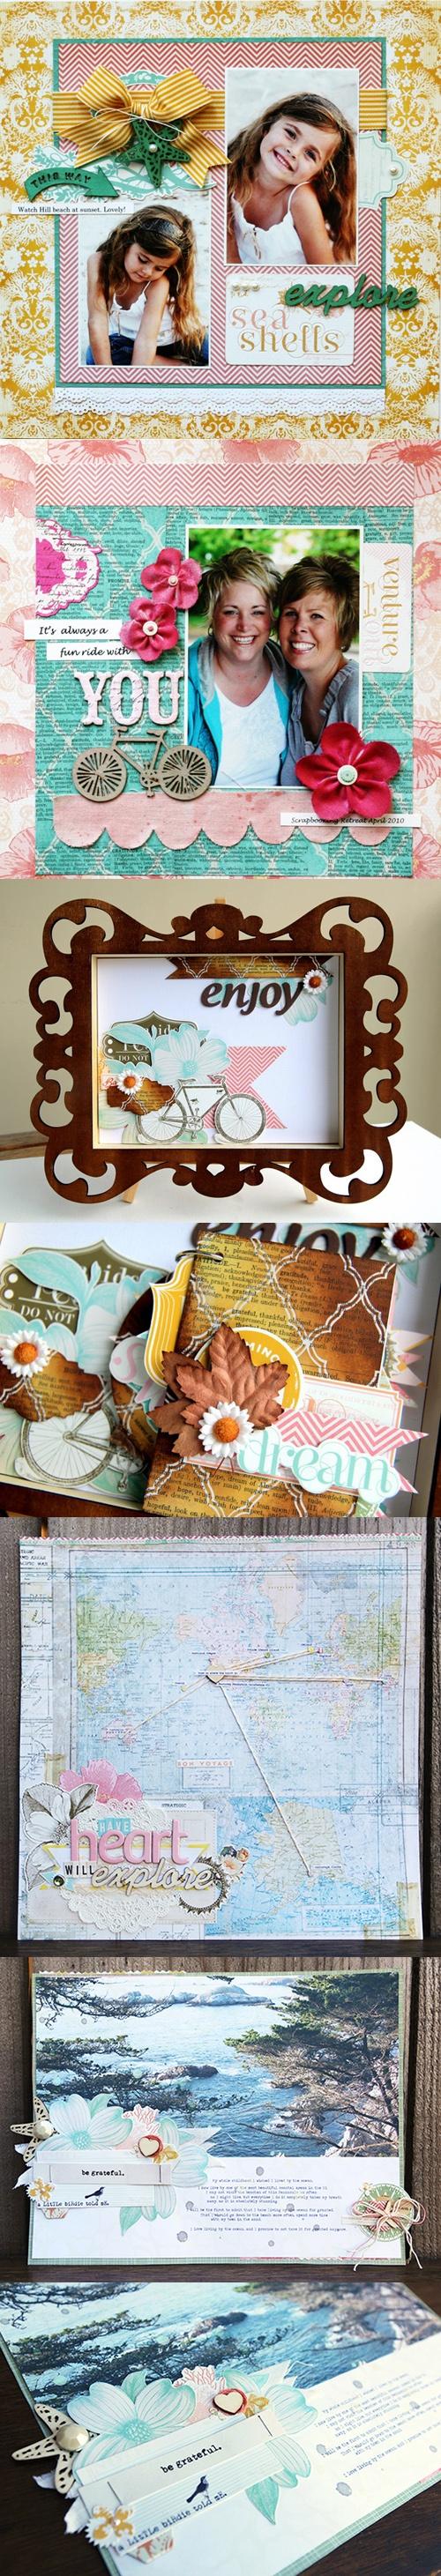 ,: Scrapbook Beaches, Scrapbook Ideas, Scrapbook Crafts, Layout Ideas, En Scrapbook, Scrapbook Inspiration, Scrap Books Ideas, Scrapbook Layout, Journals Scrapbook